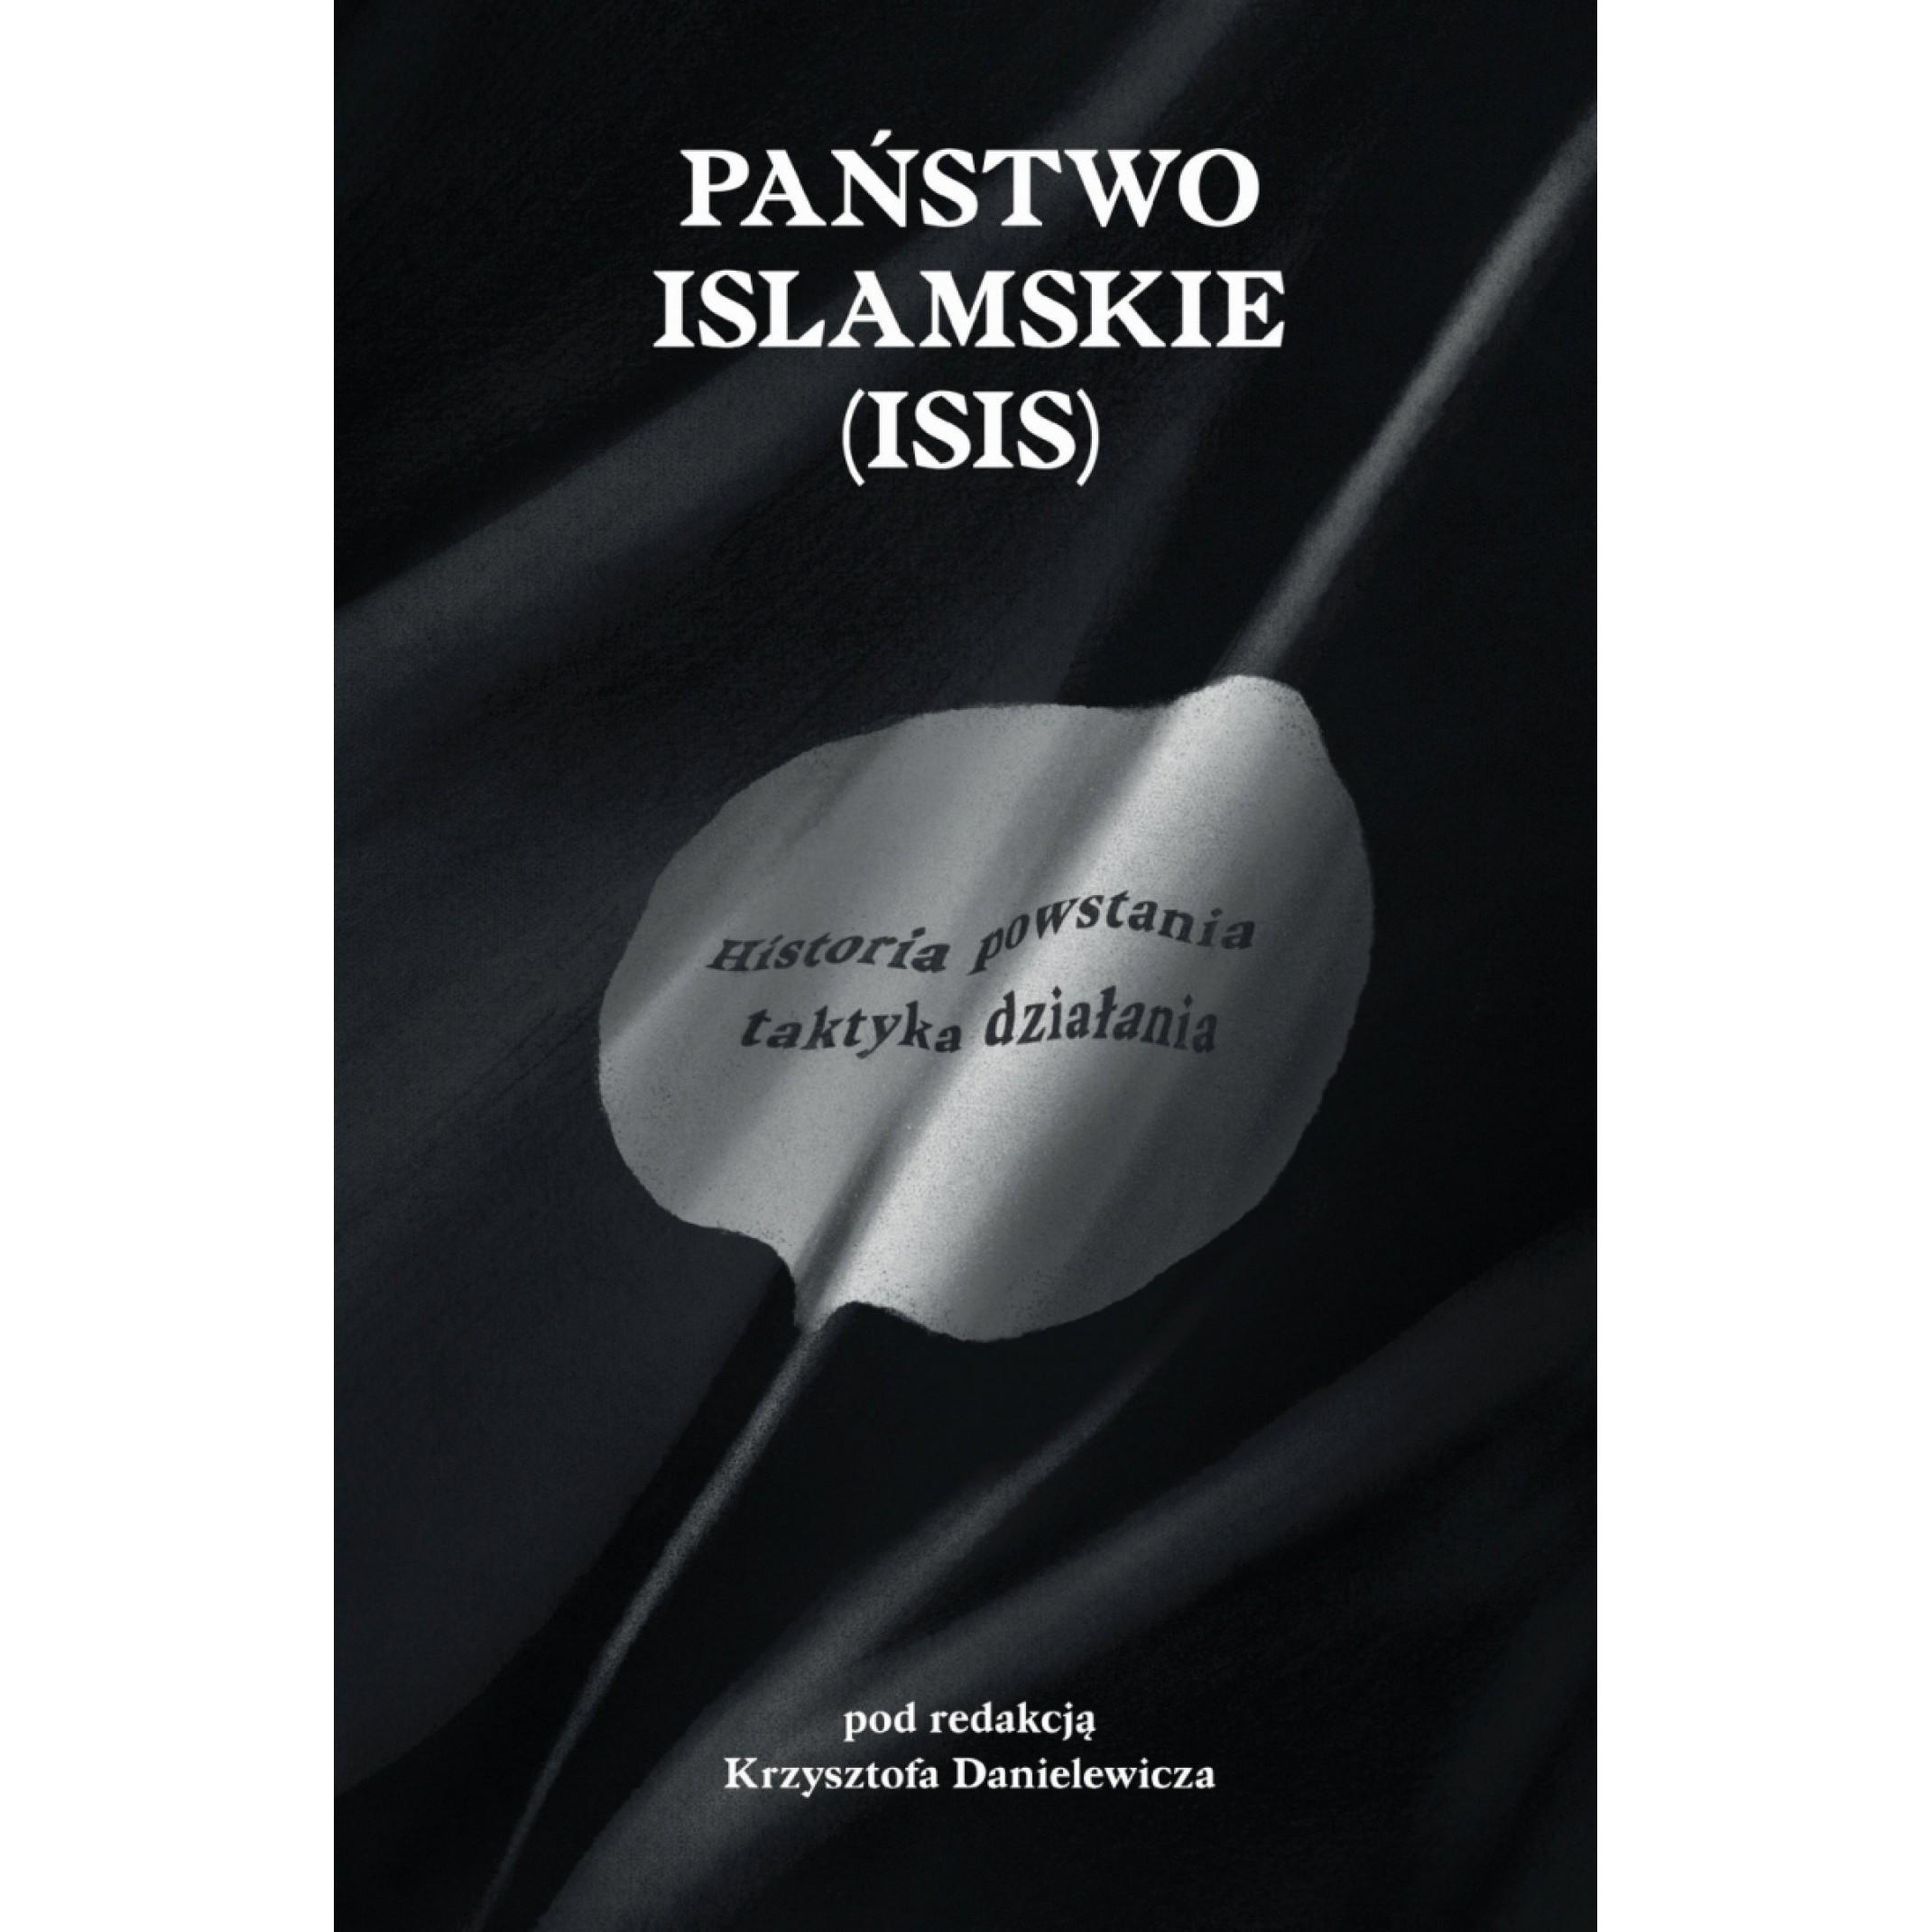 Państwo Islamskie (ISIS). Historia powstania i taktyka działania